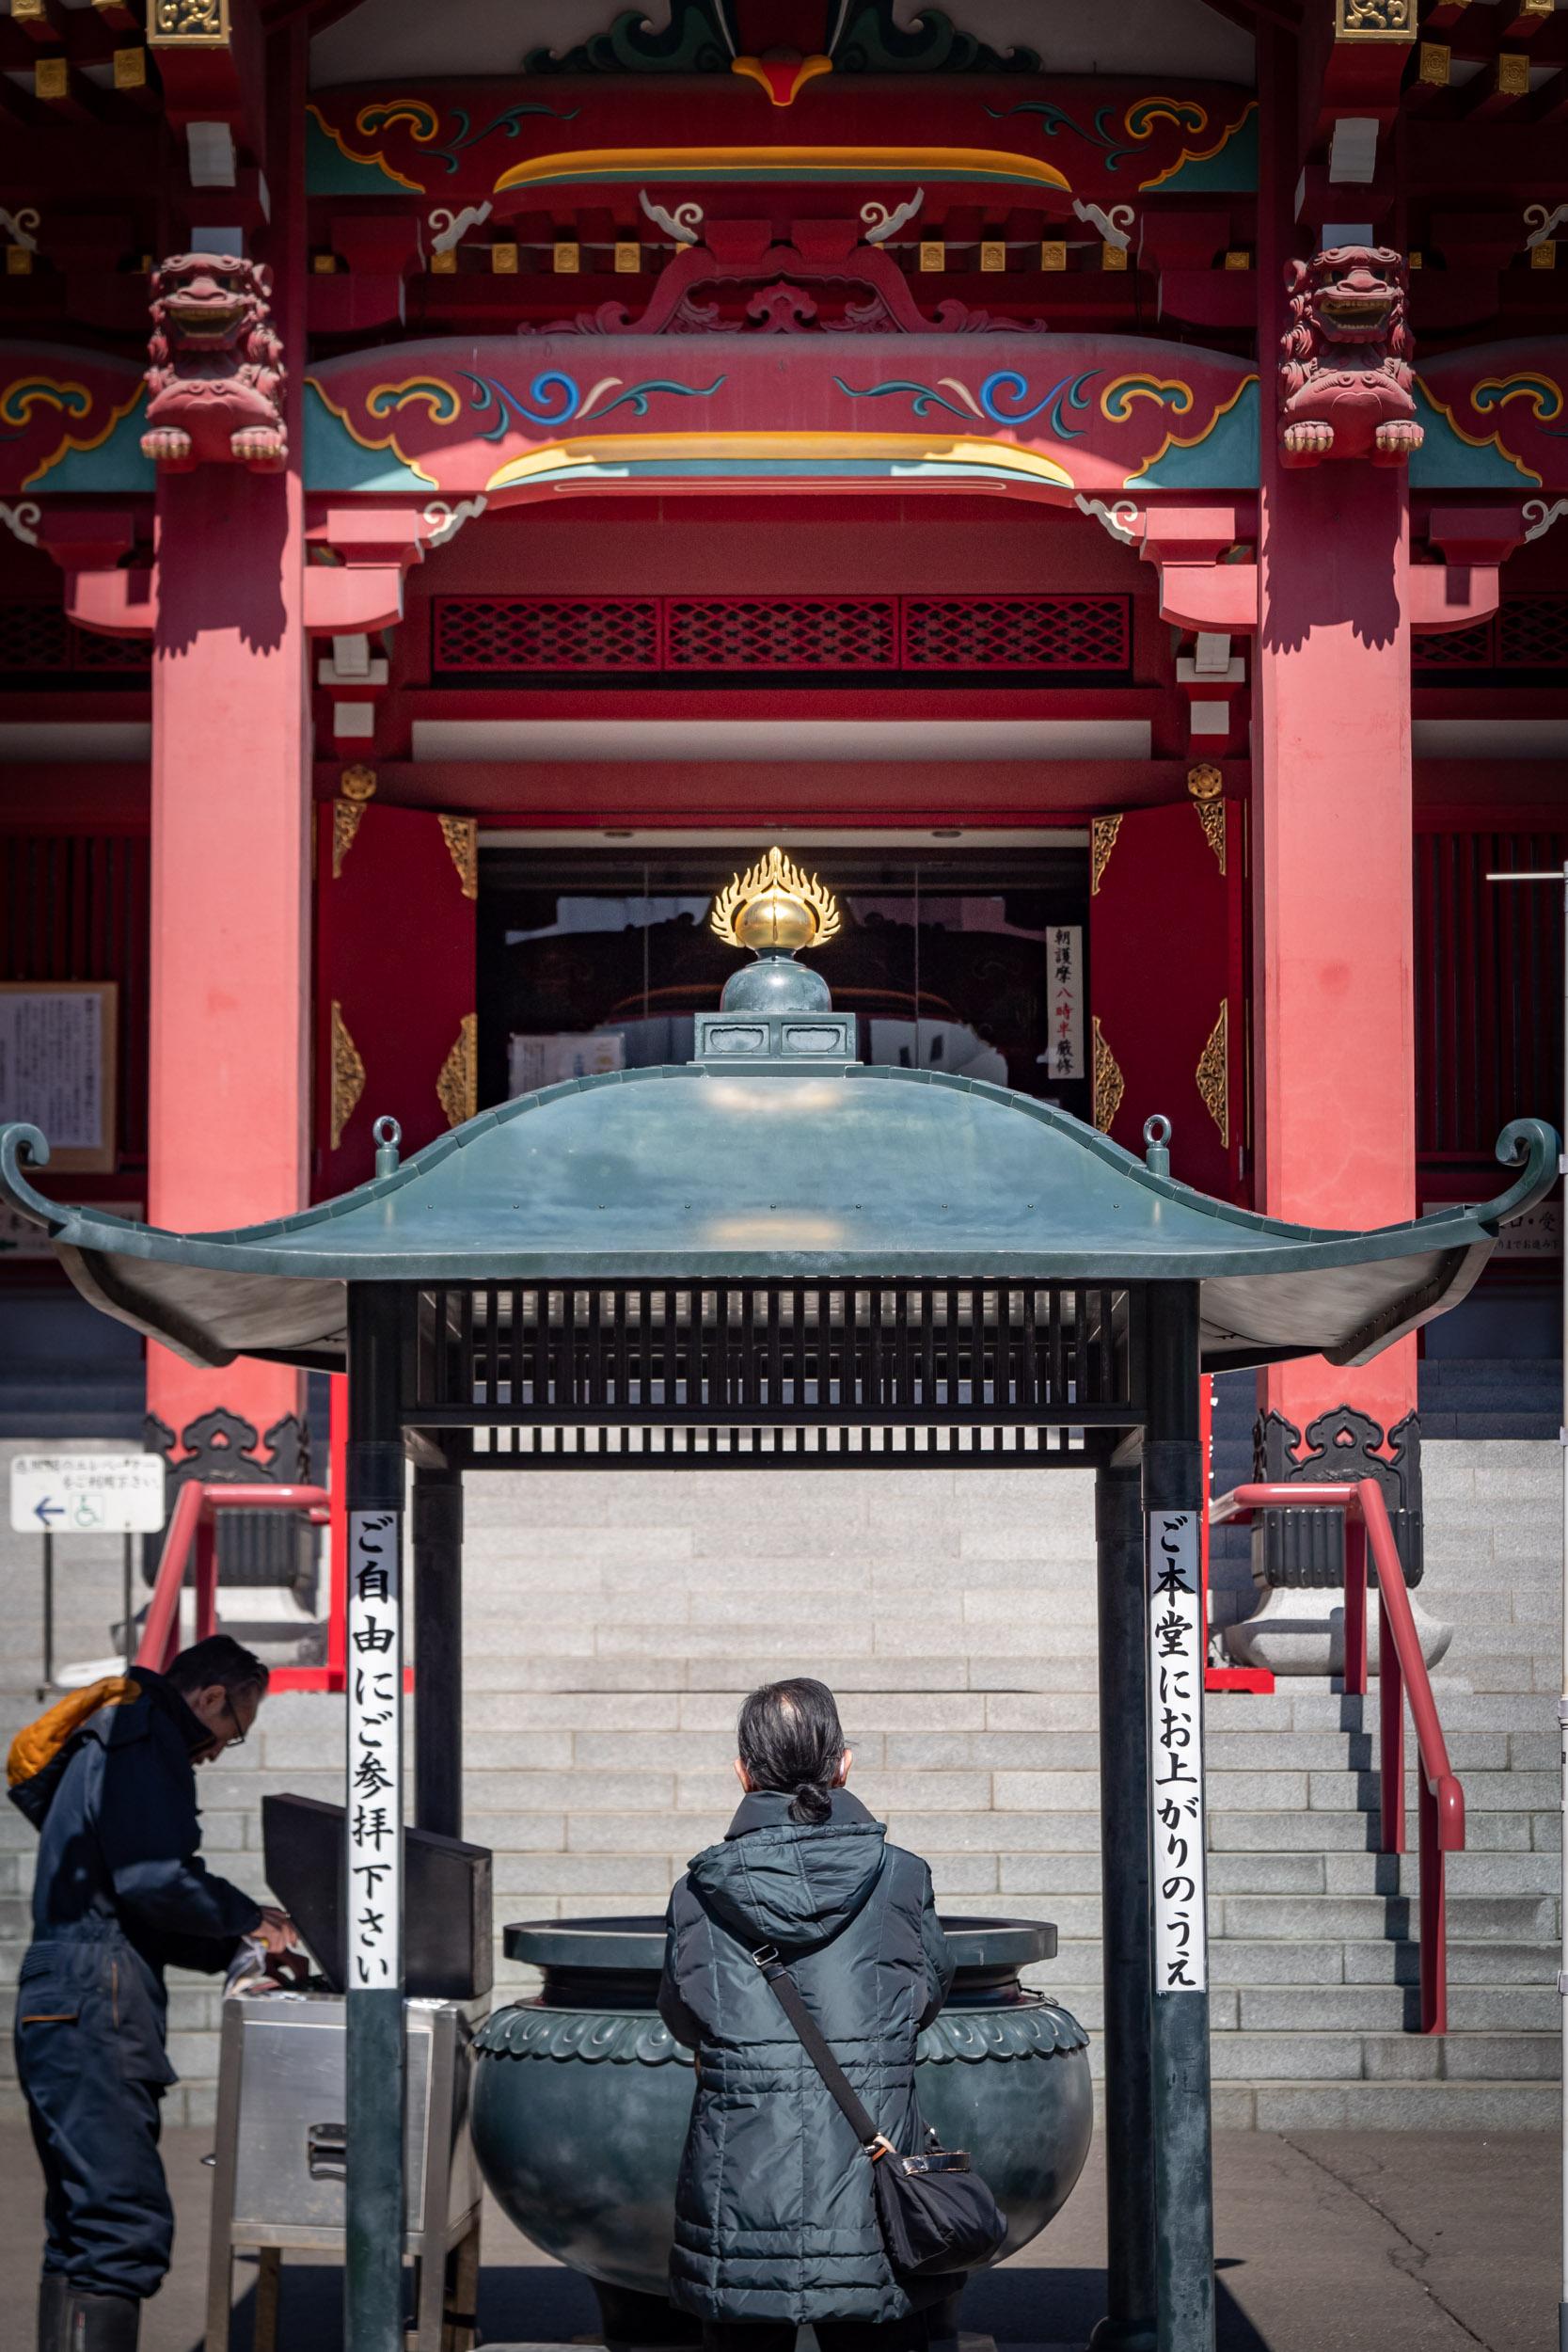 青空の下、ビルの谷間の成田山札幌別院新栄寺で祈祷する参拝客 DMC-GX8 + LEICA DG 12-60mm